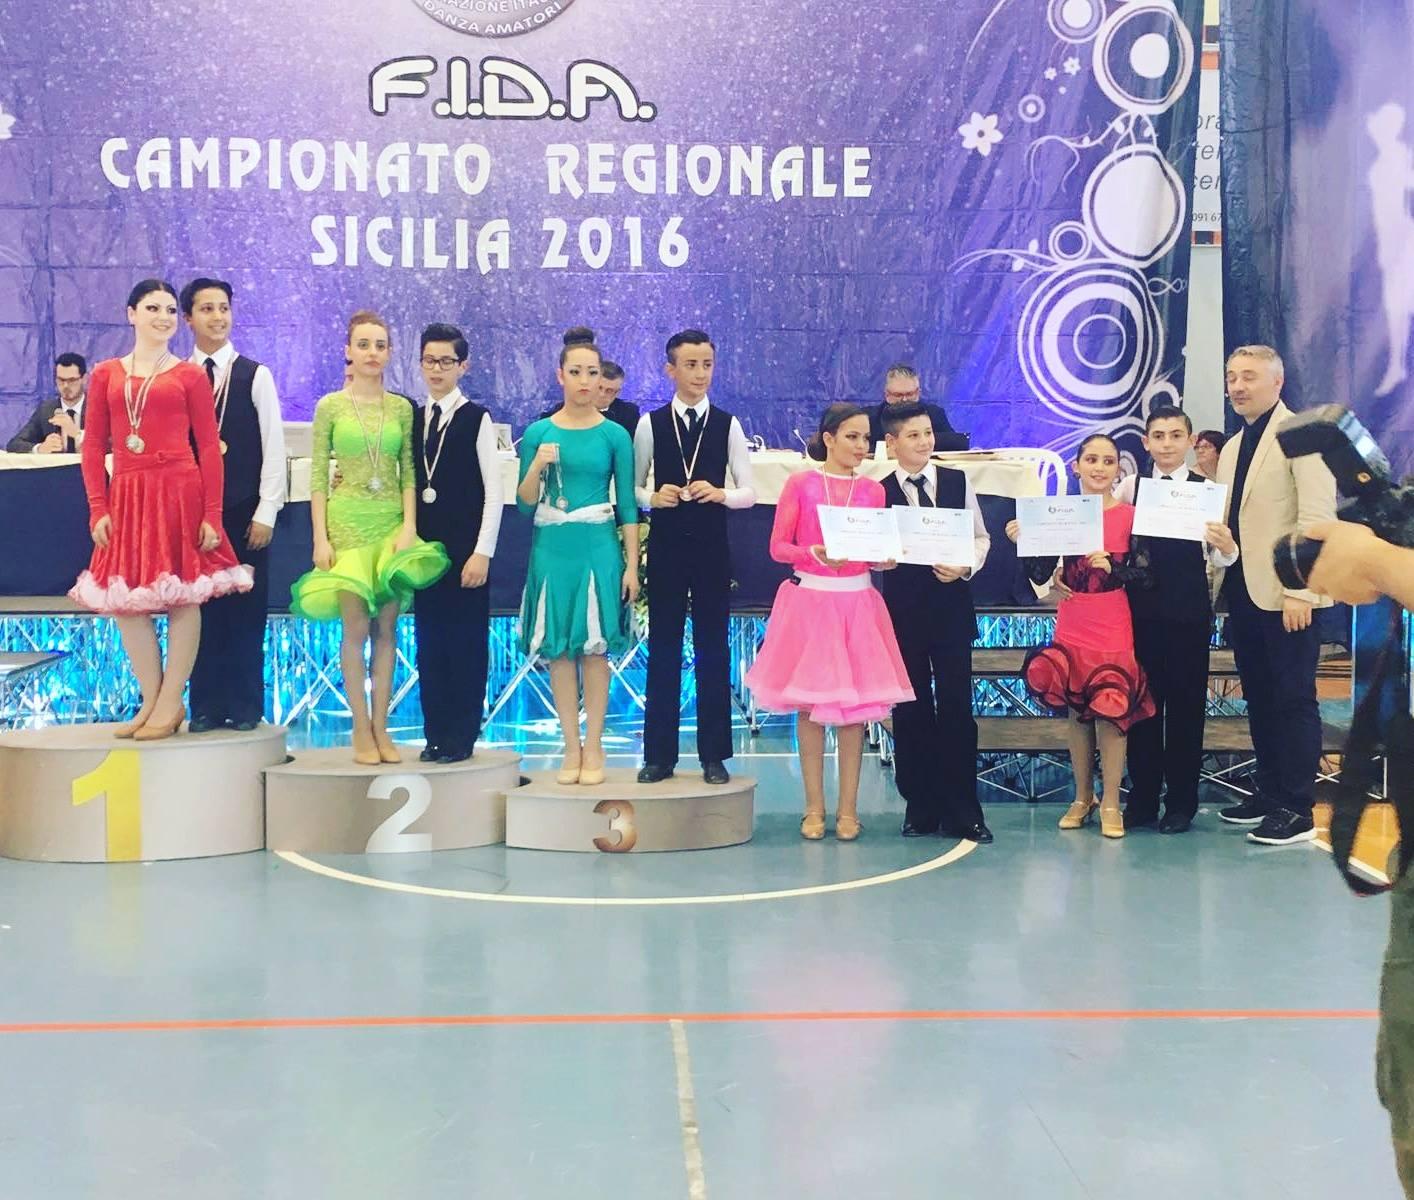 Campionato Regionale F.I.D.A. Sicilia 2016: la coppia ciancianese Pulizzi-Scardino sul podio